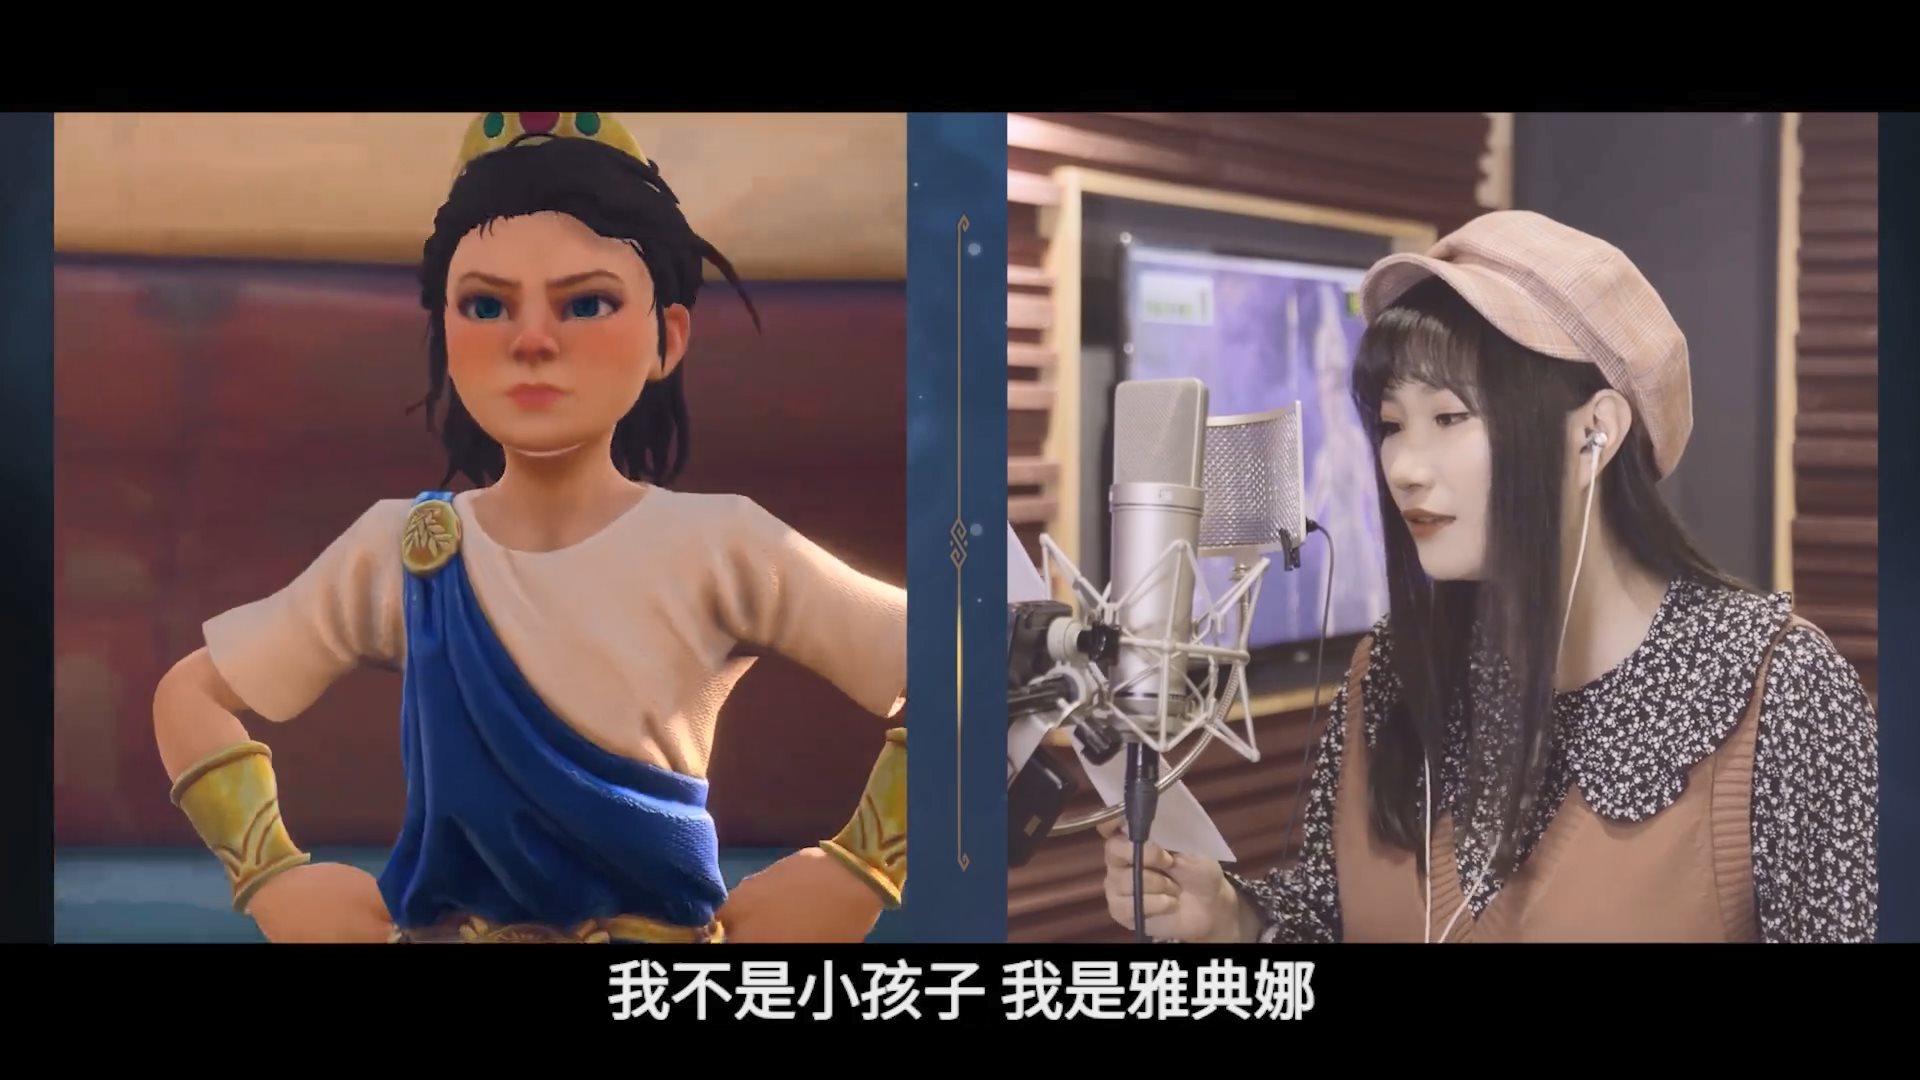 《渡神纪》中文配音幕后影像 提升中文玩家沉浸感